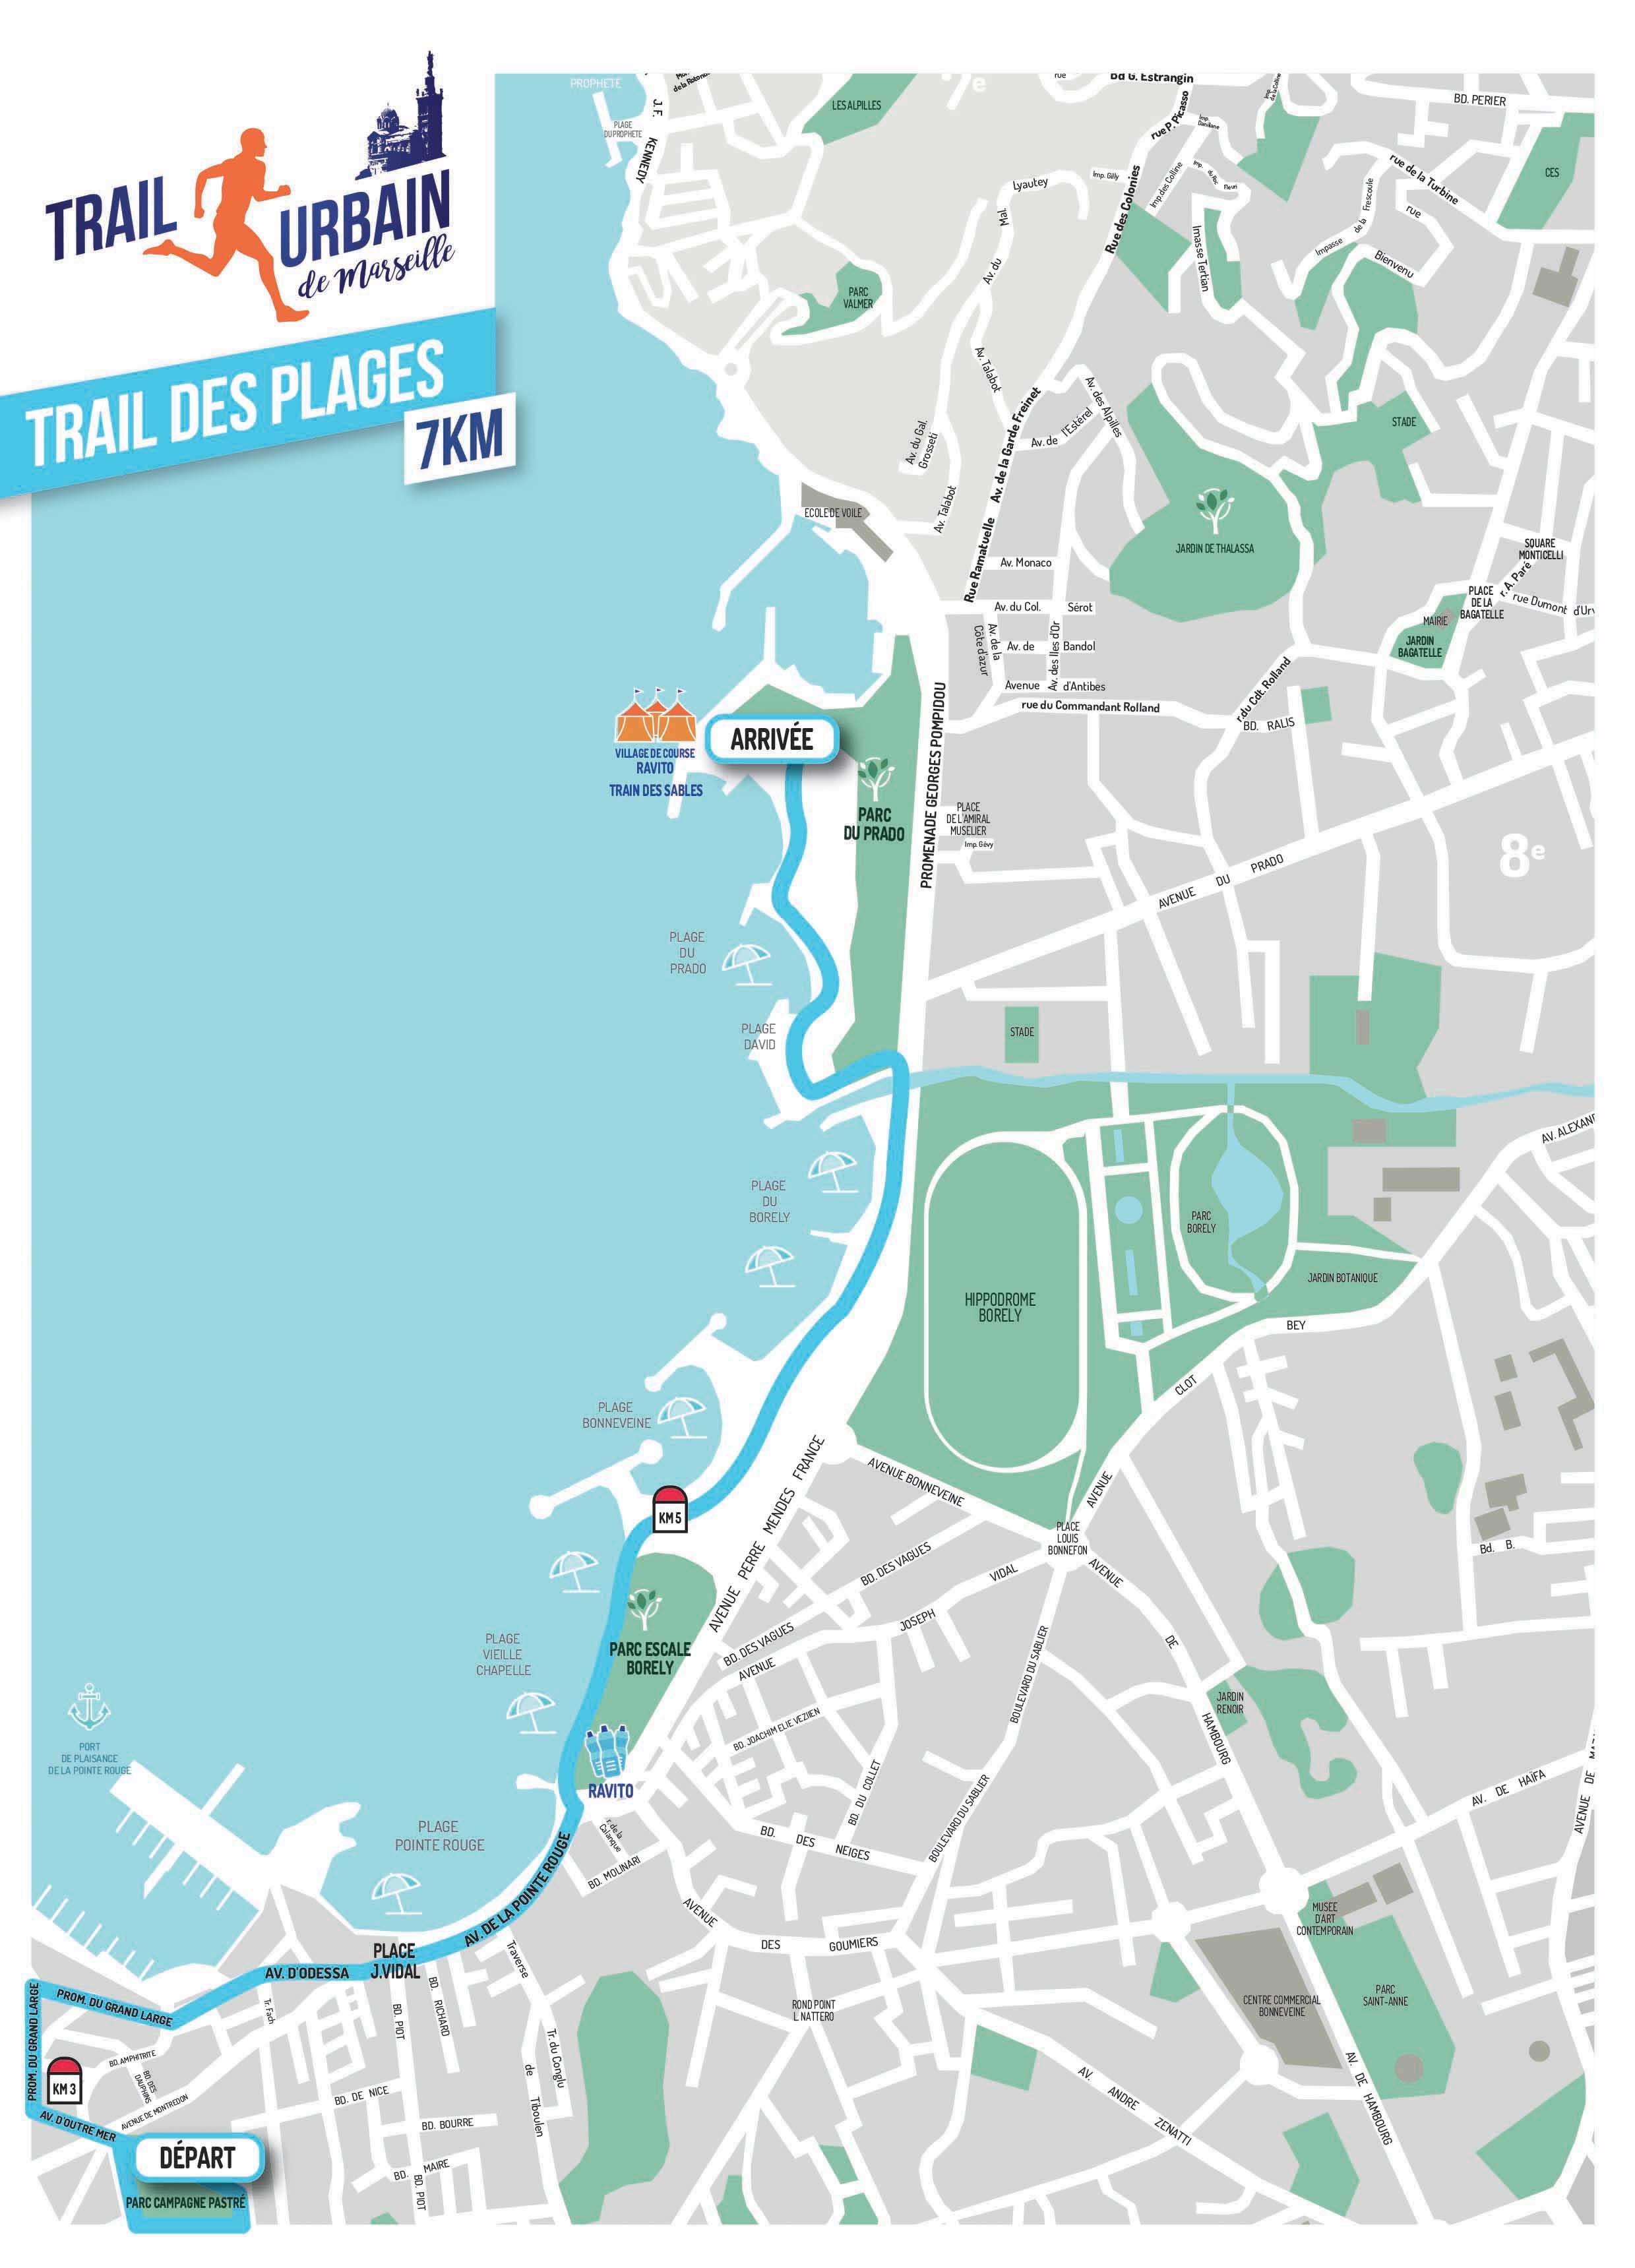 parcours trail des plages, Trail urbain de Marseille 2018, courir à Marseille